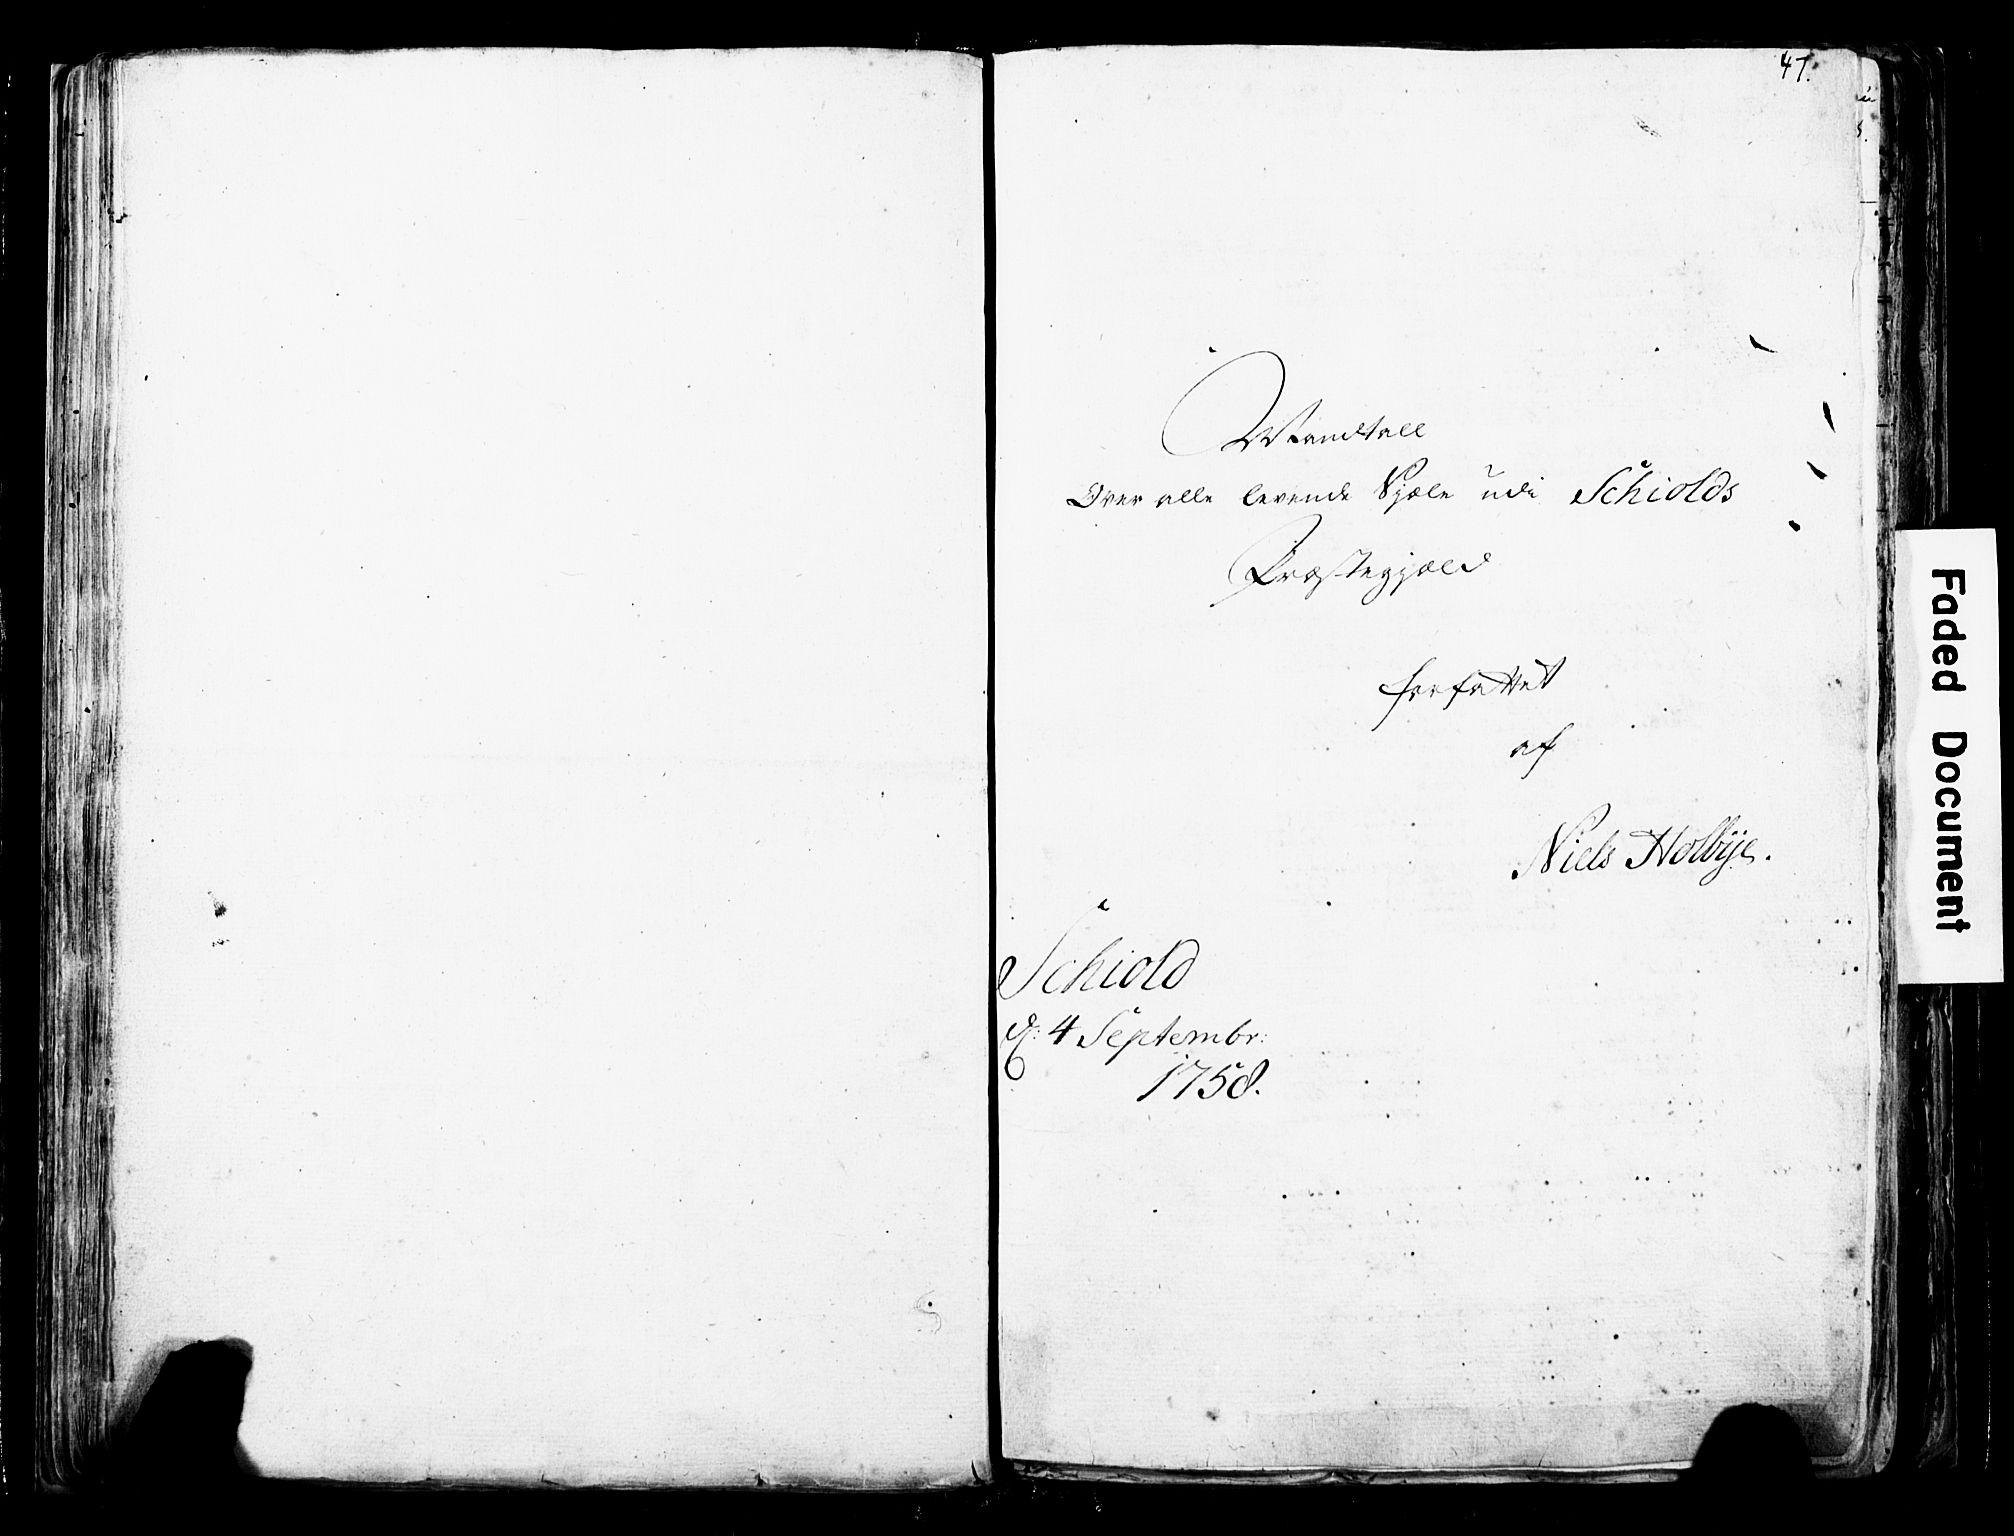 SAST, Fylkesmannen i Rogaland, 3/325/325CA/L0016: SJELEREGISTER RYFYLKE PRESTEGJELD, 1758, s. 47